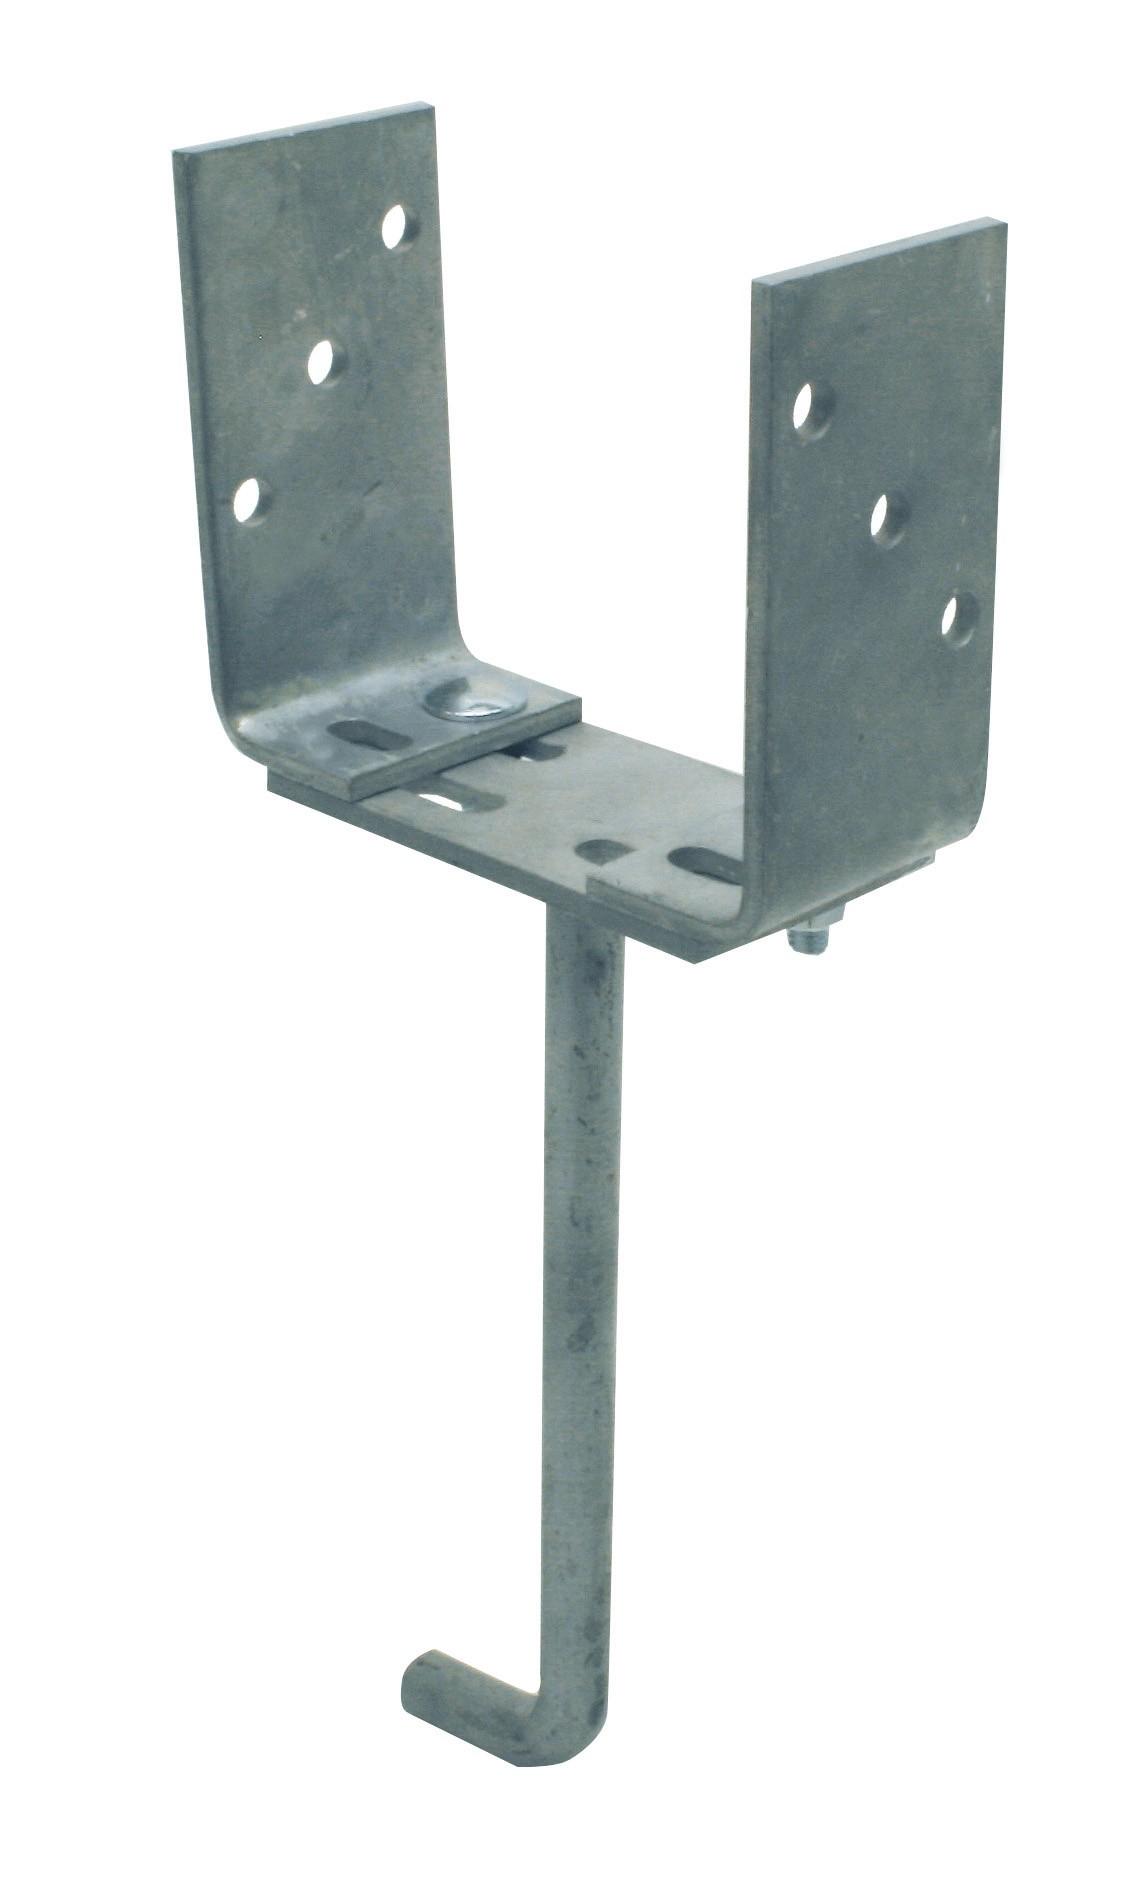 Pied de poteau à sceller non-assemblé (avec accessoires) 210x50 110x60 60x5 TV